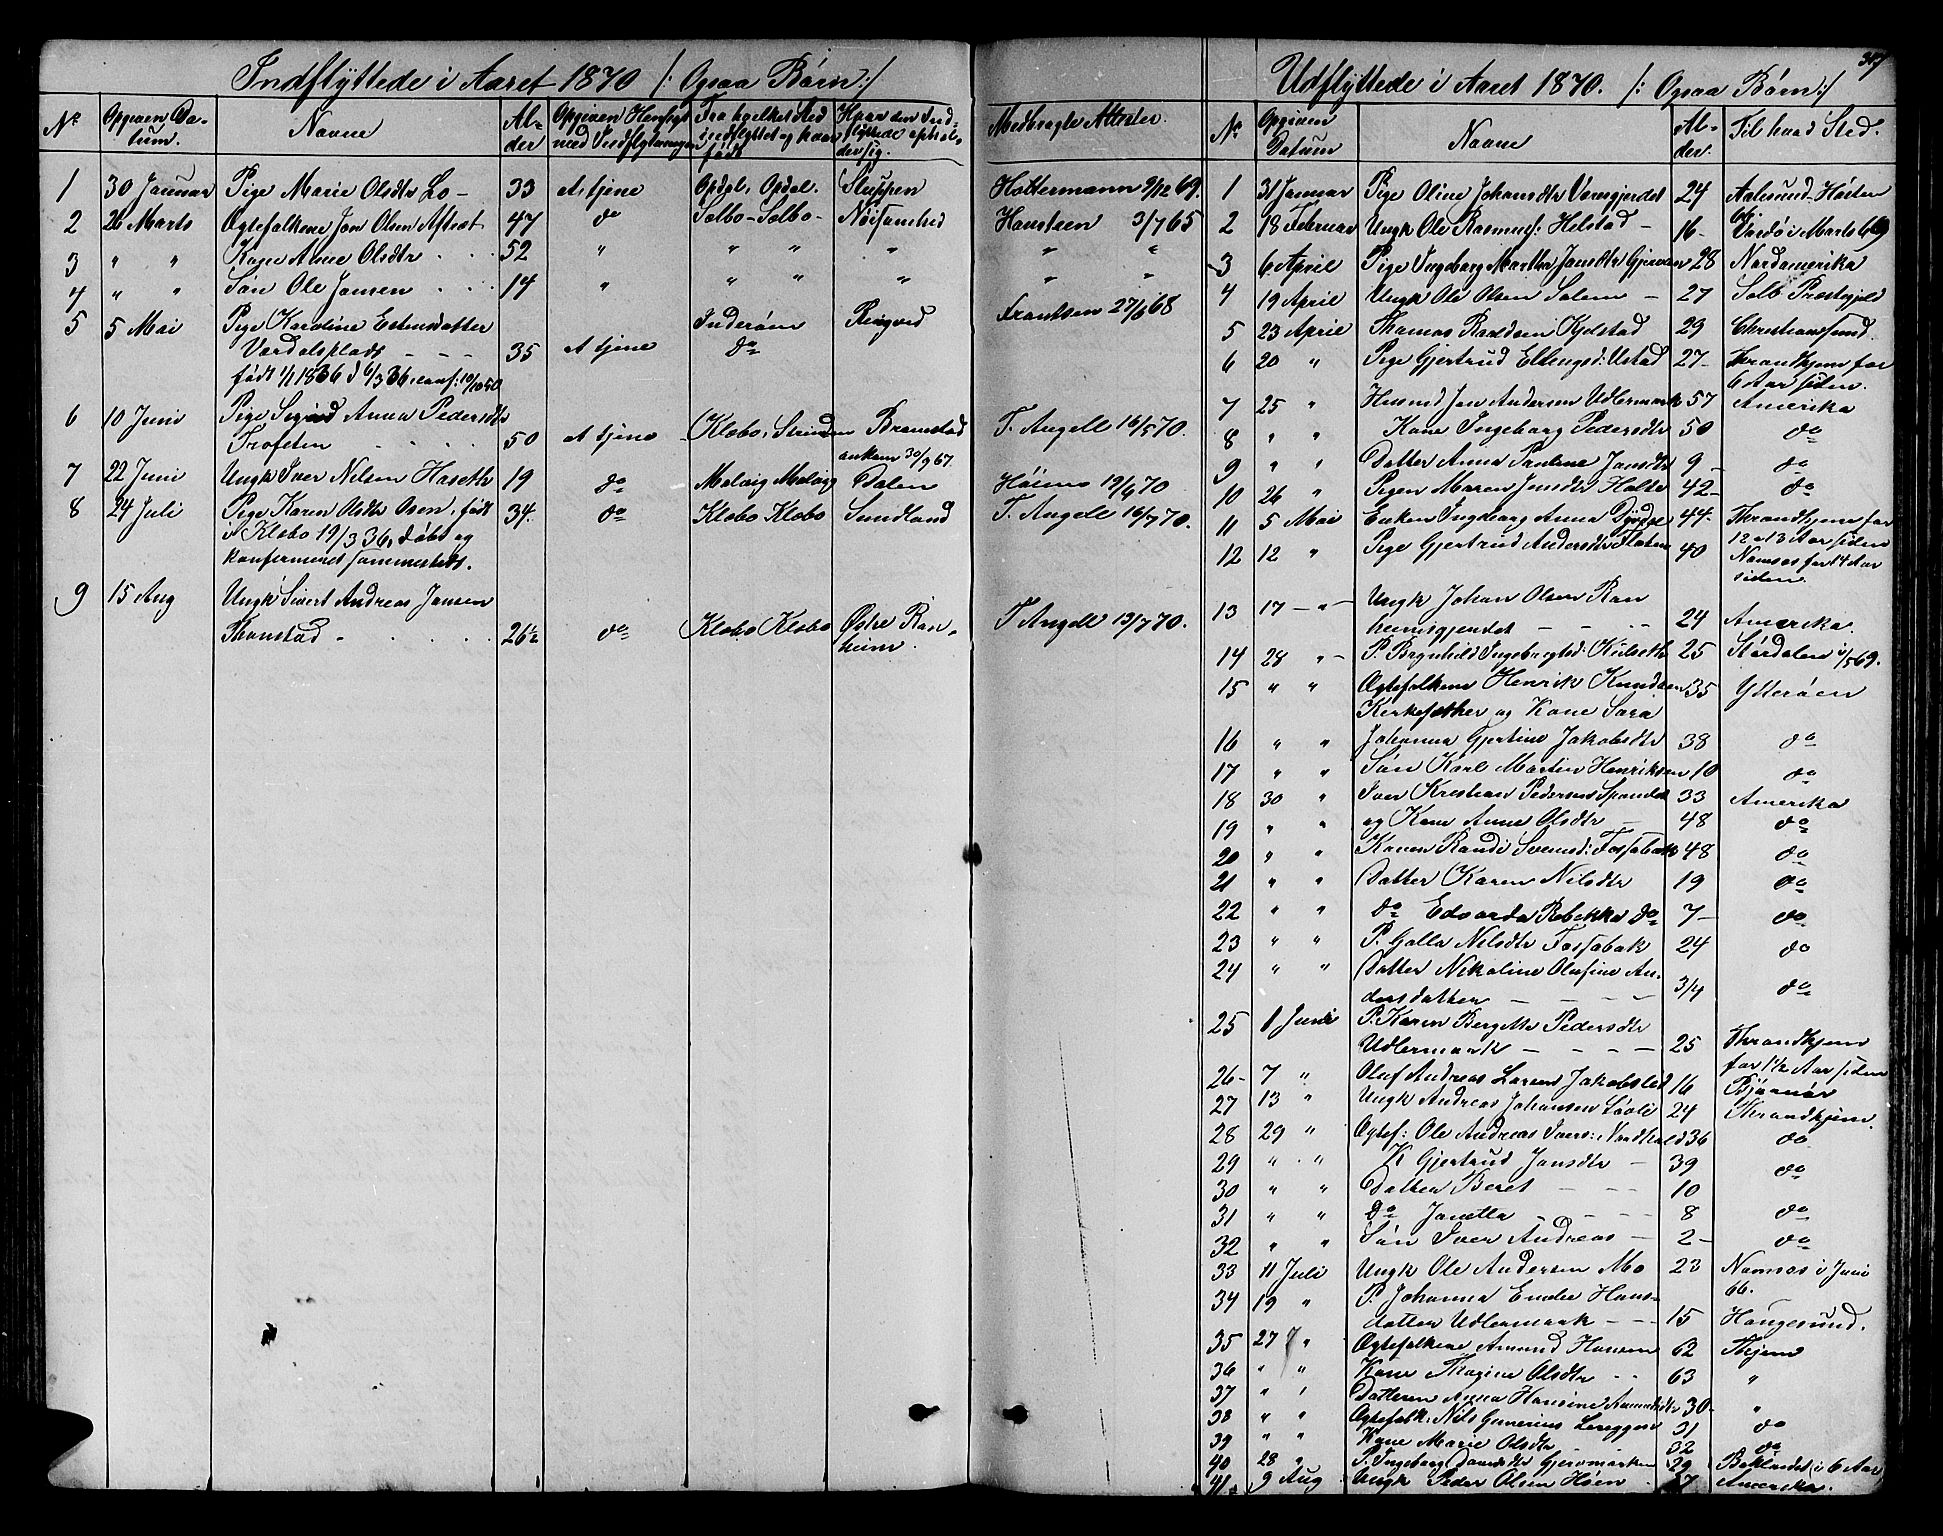 SAT, Ministerialprotokoller, klokkerbøker og fødselsregistre - Sør-Trøndelag, 606/L0311: Klokkerbok nr. 606C07, 1860-1877, s. 317